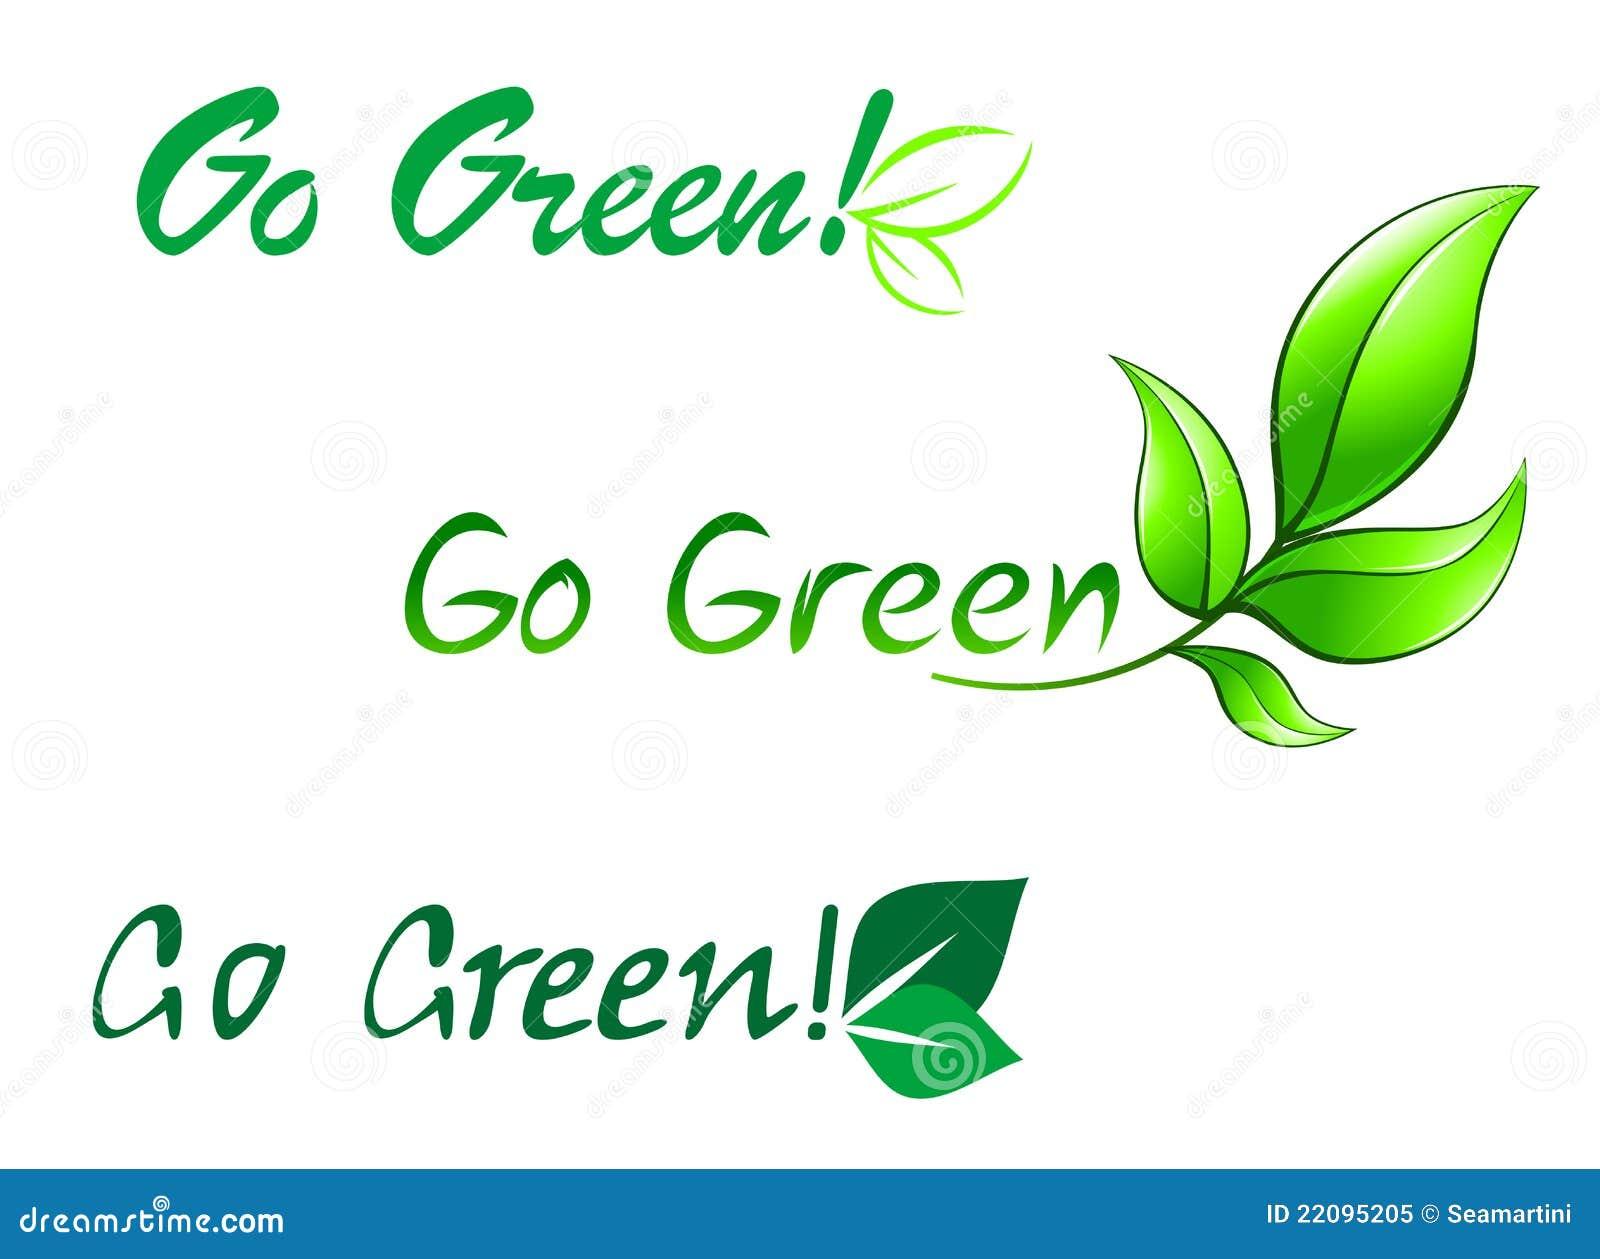 Go Green Symbols Stock Vector Illustration Of Green 22095205